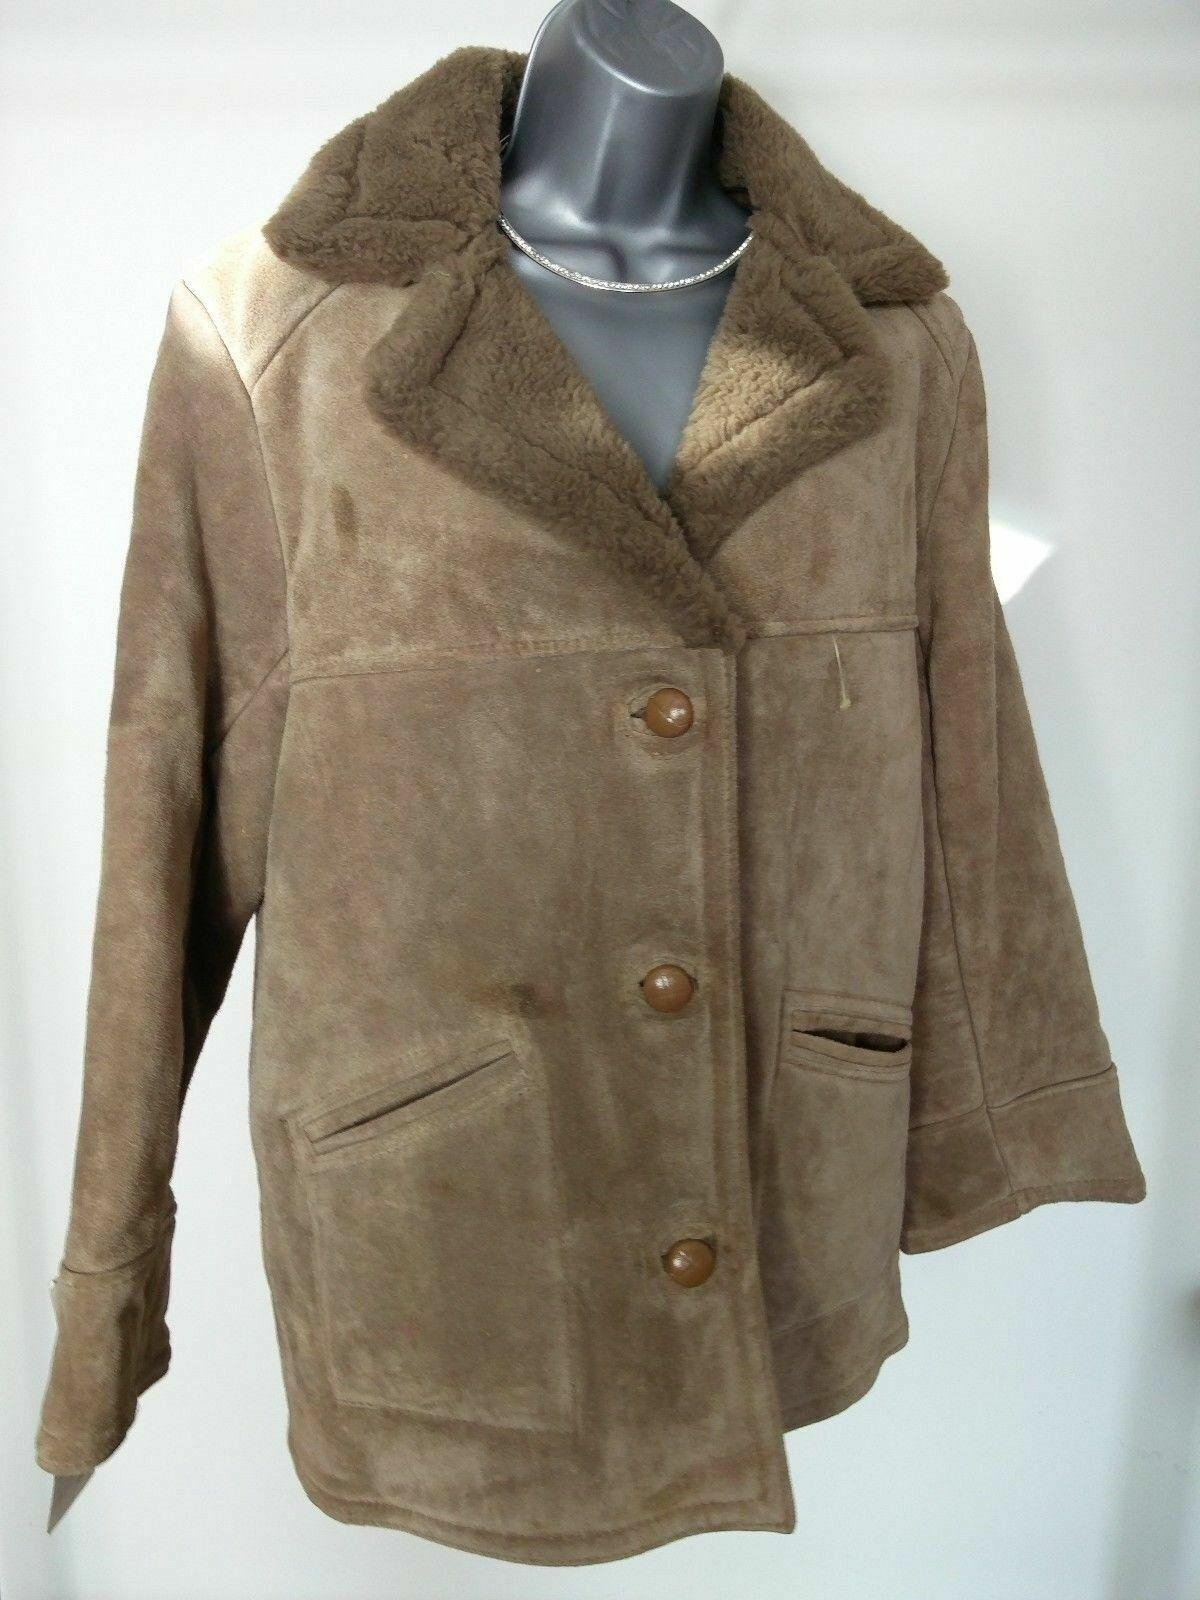 Femme Vintage Oaklands Marron Peau De Mouton Daim Manteau Tailles UK 16 42